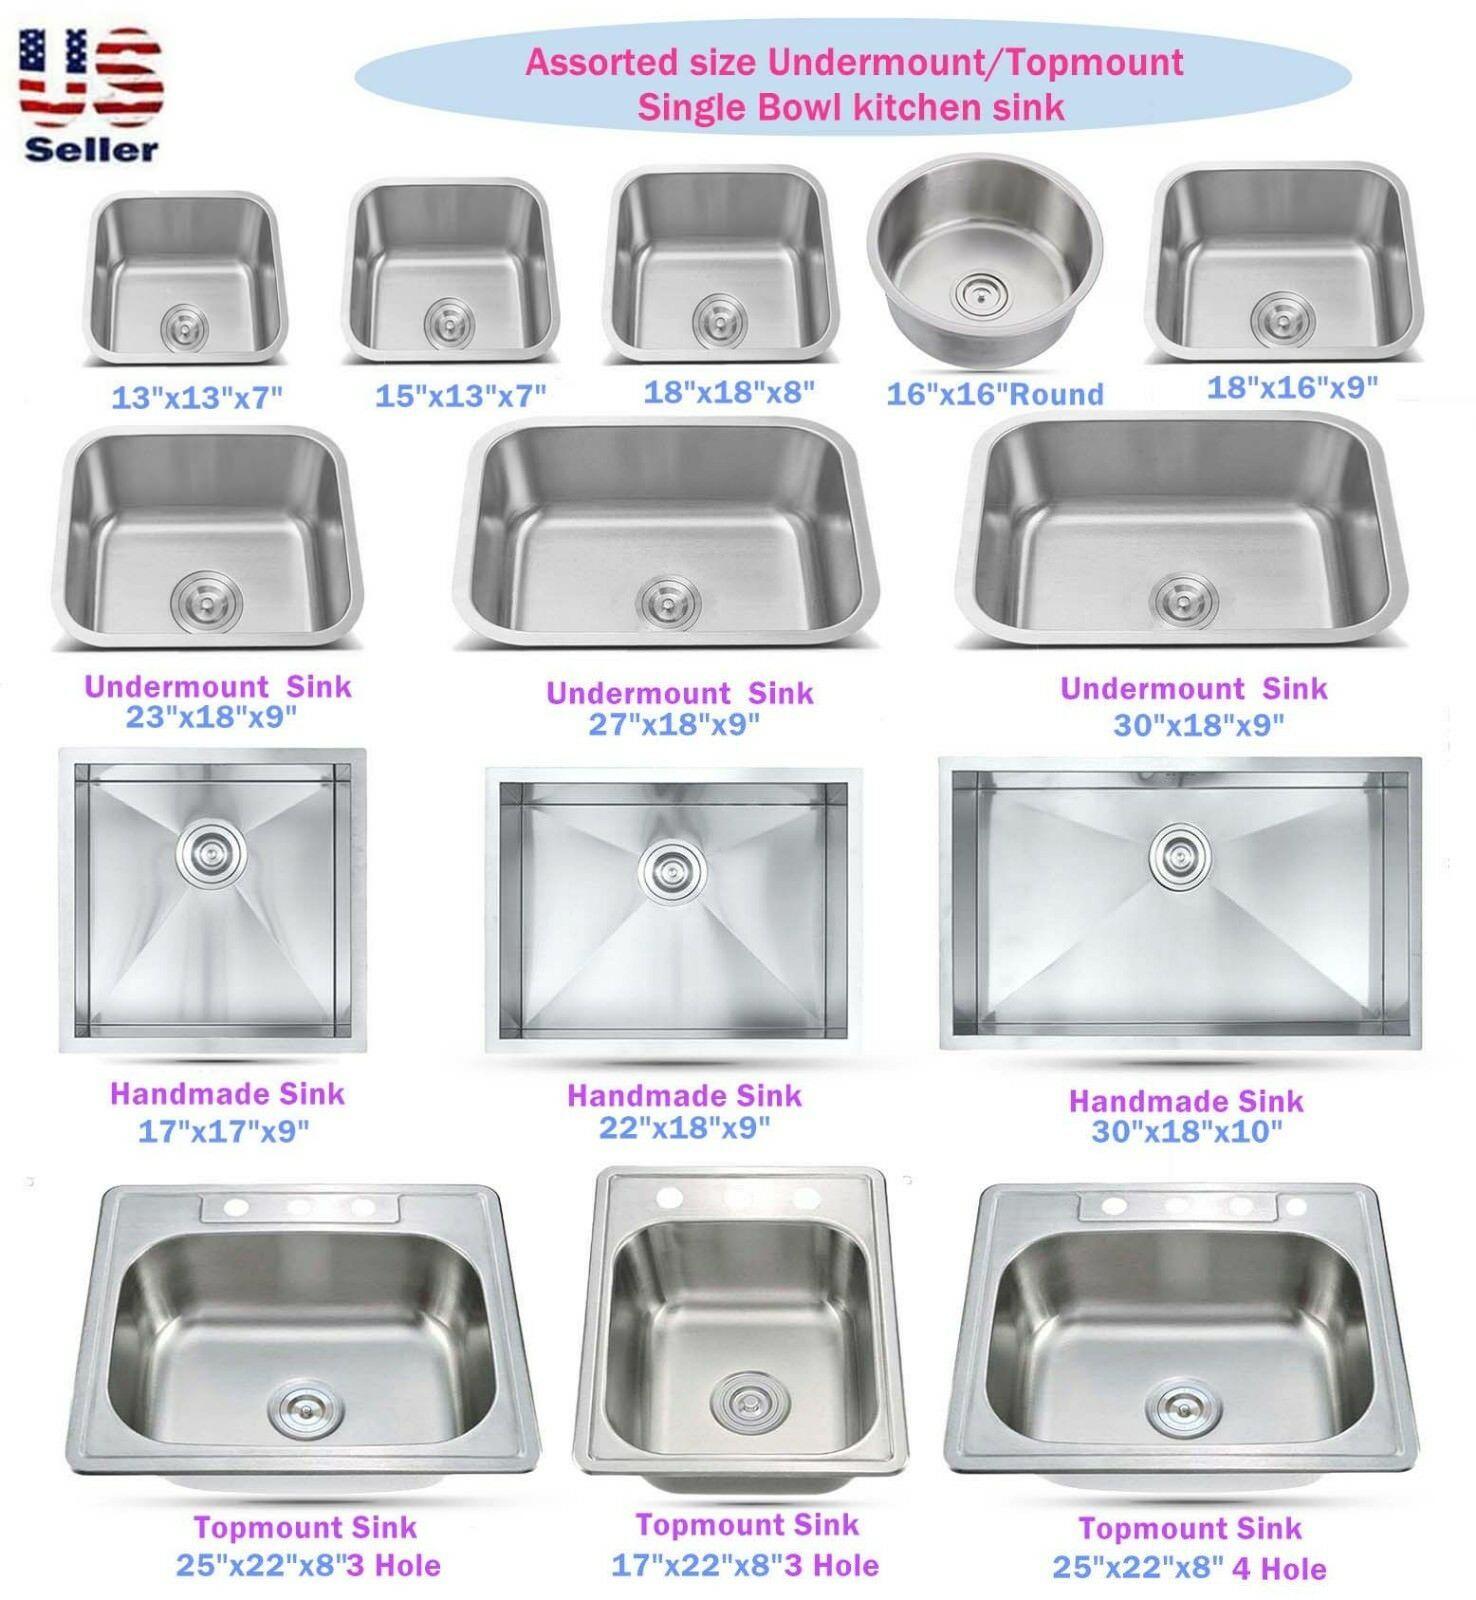 Stainless Steel Topmount Undermount Single Bowl Kitchen Sink